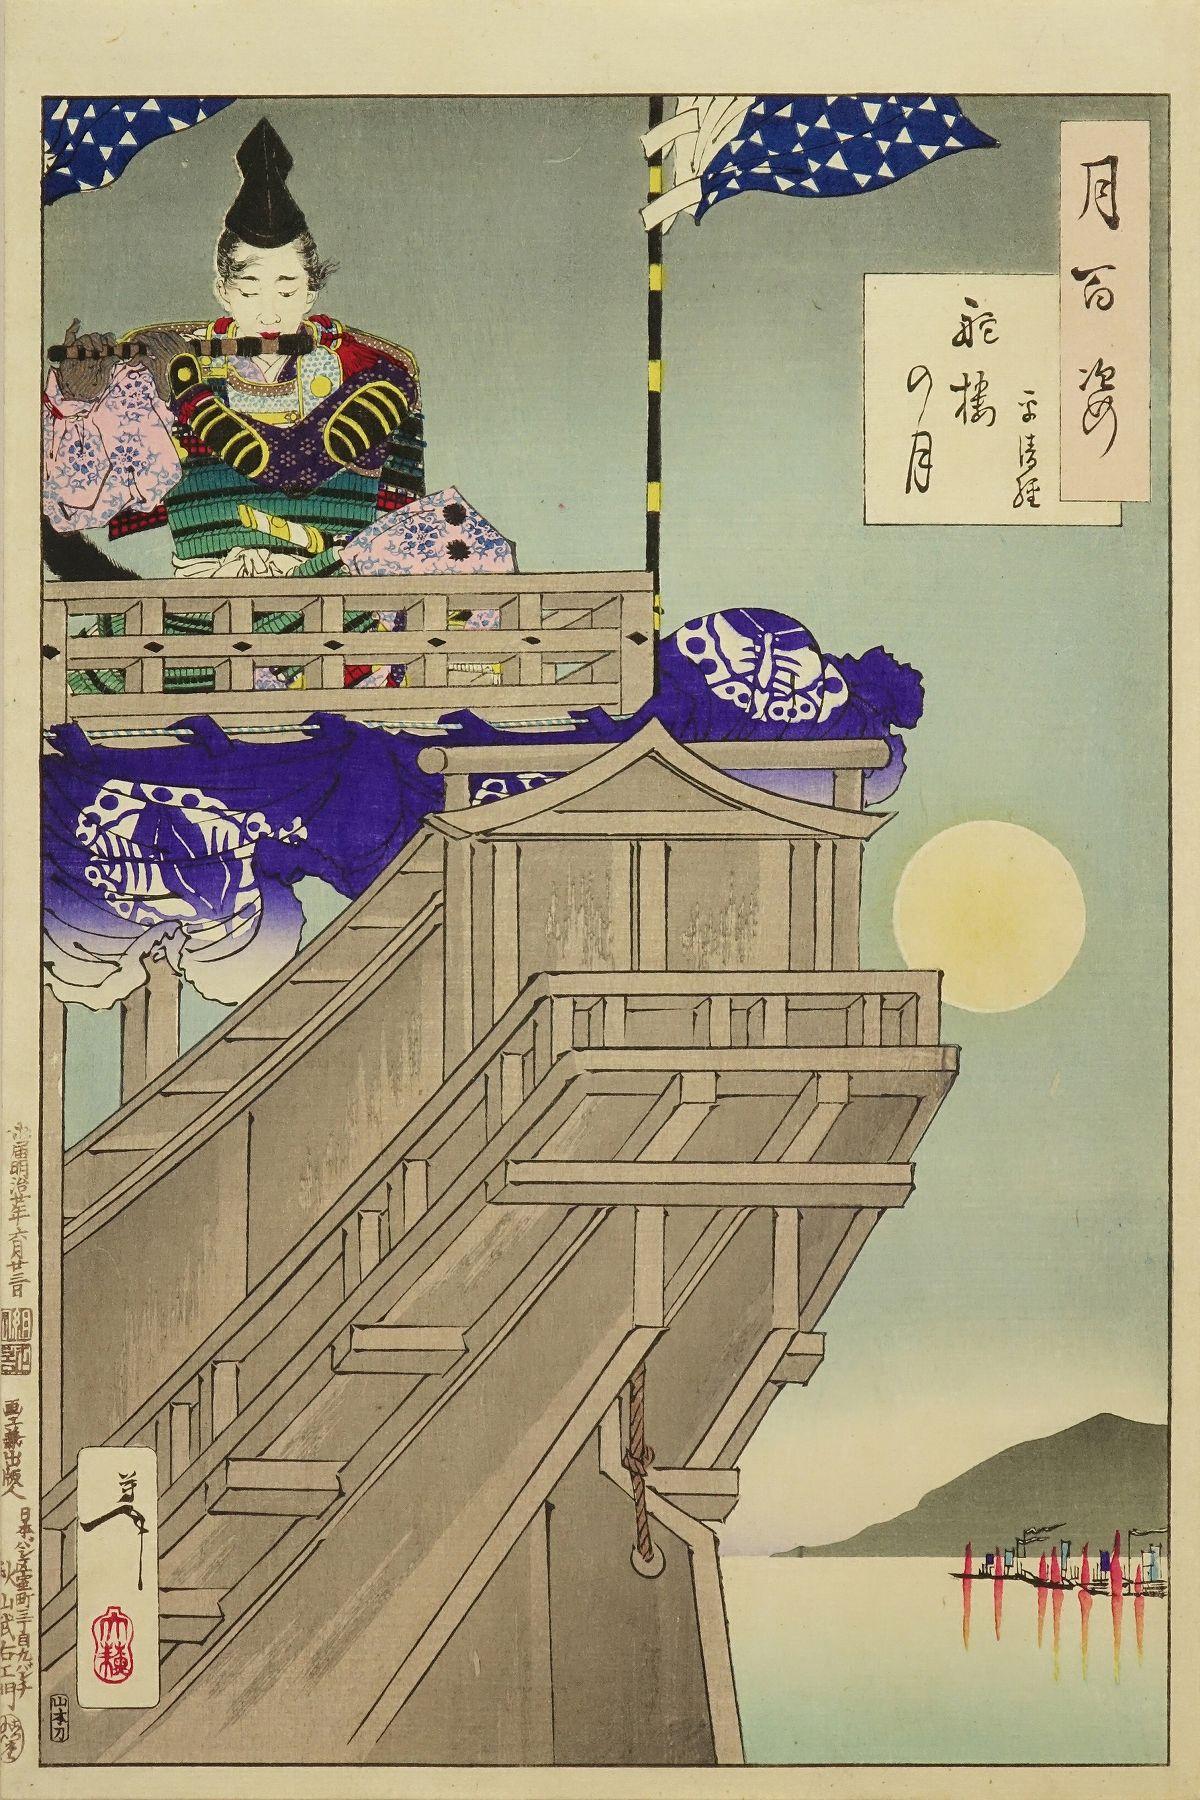 YOSHITOSHI <i>Daro no tsuki</i> (Moon and the helm of a boat), Taira no Kiyotsune, from <i>Tsuki hyakushi</i> (One hundred aspects of the moon)